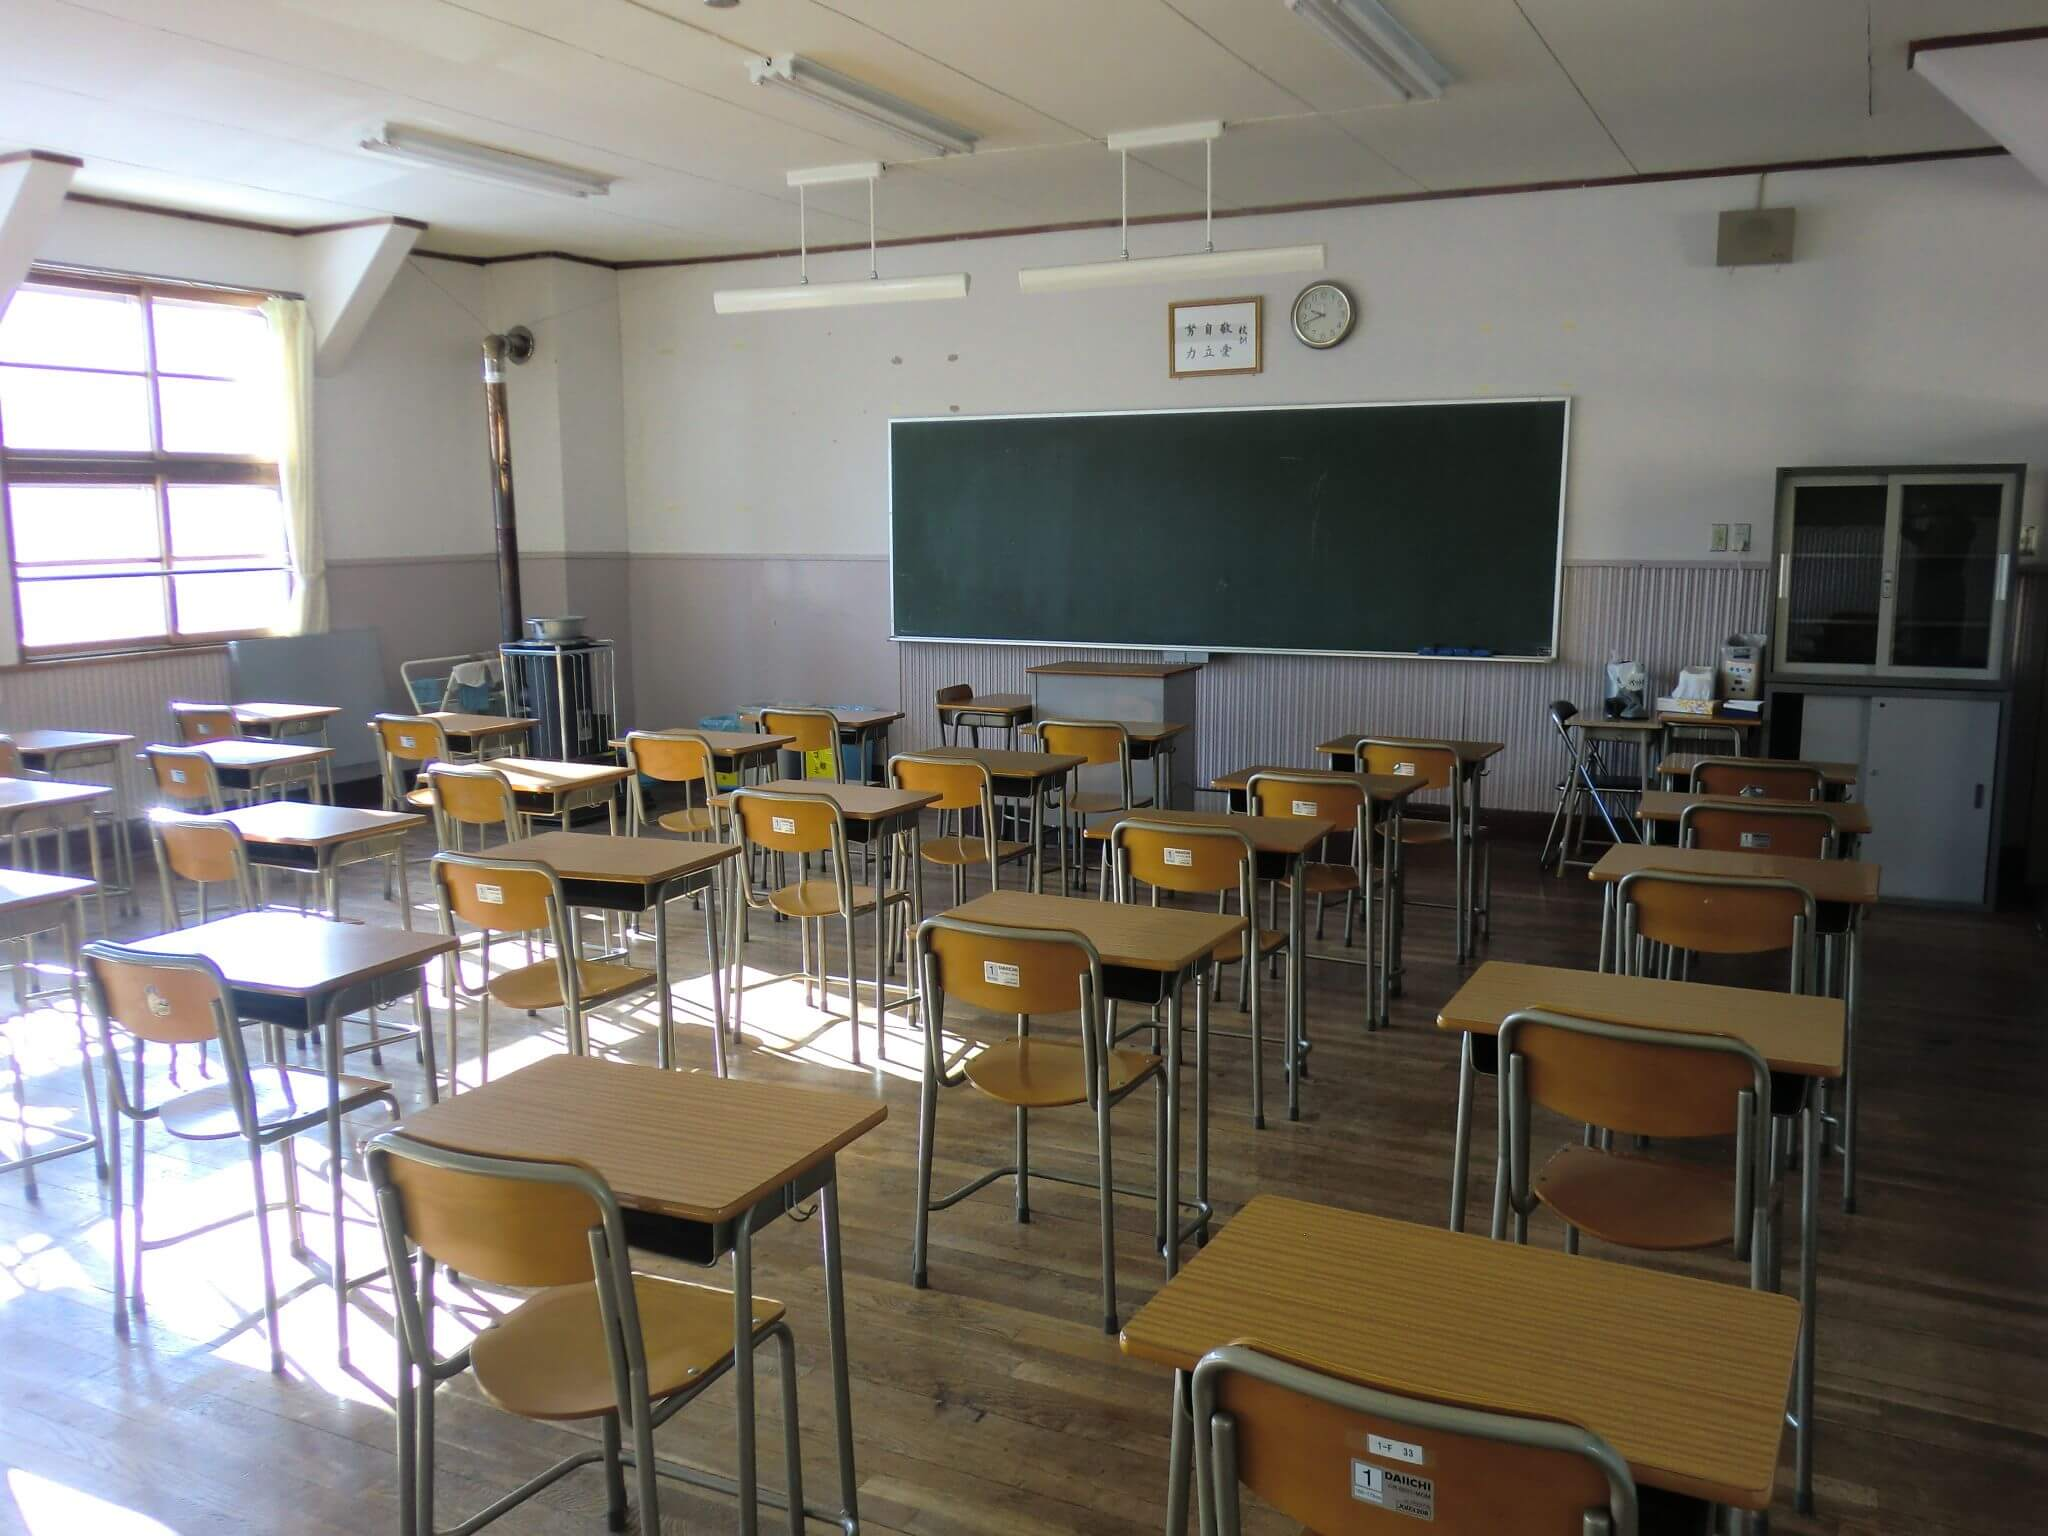 schoolsforhigherclassestoreopenondifferentdatesonlyforthreehours:haryanagovt